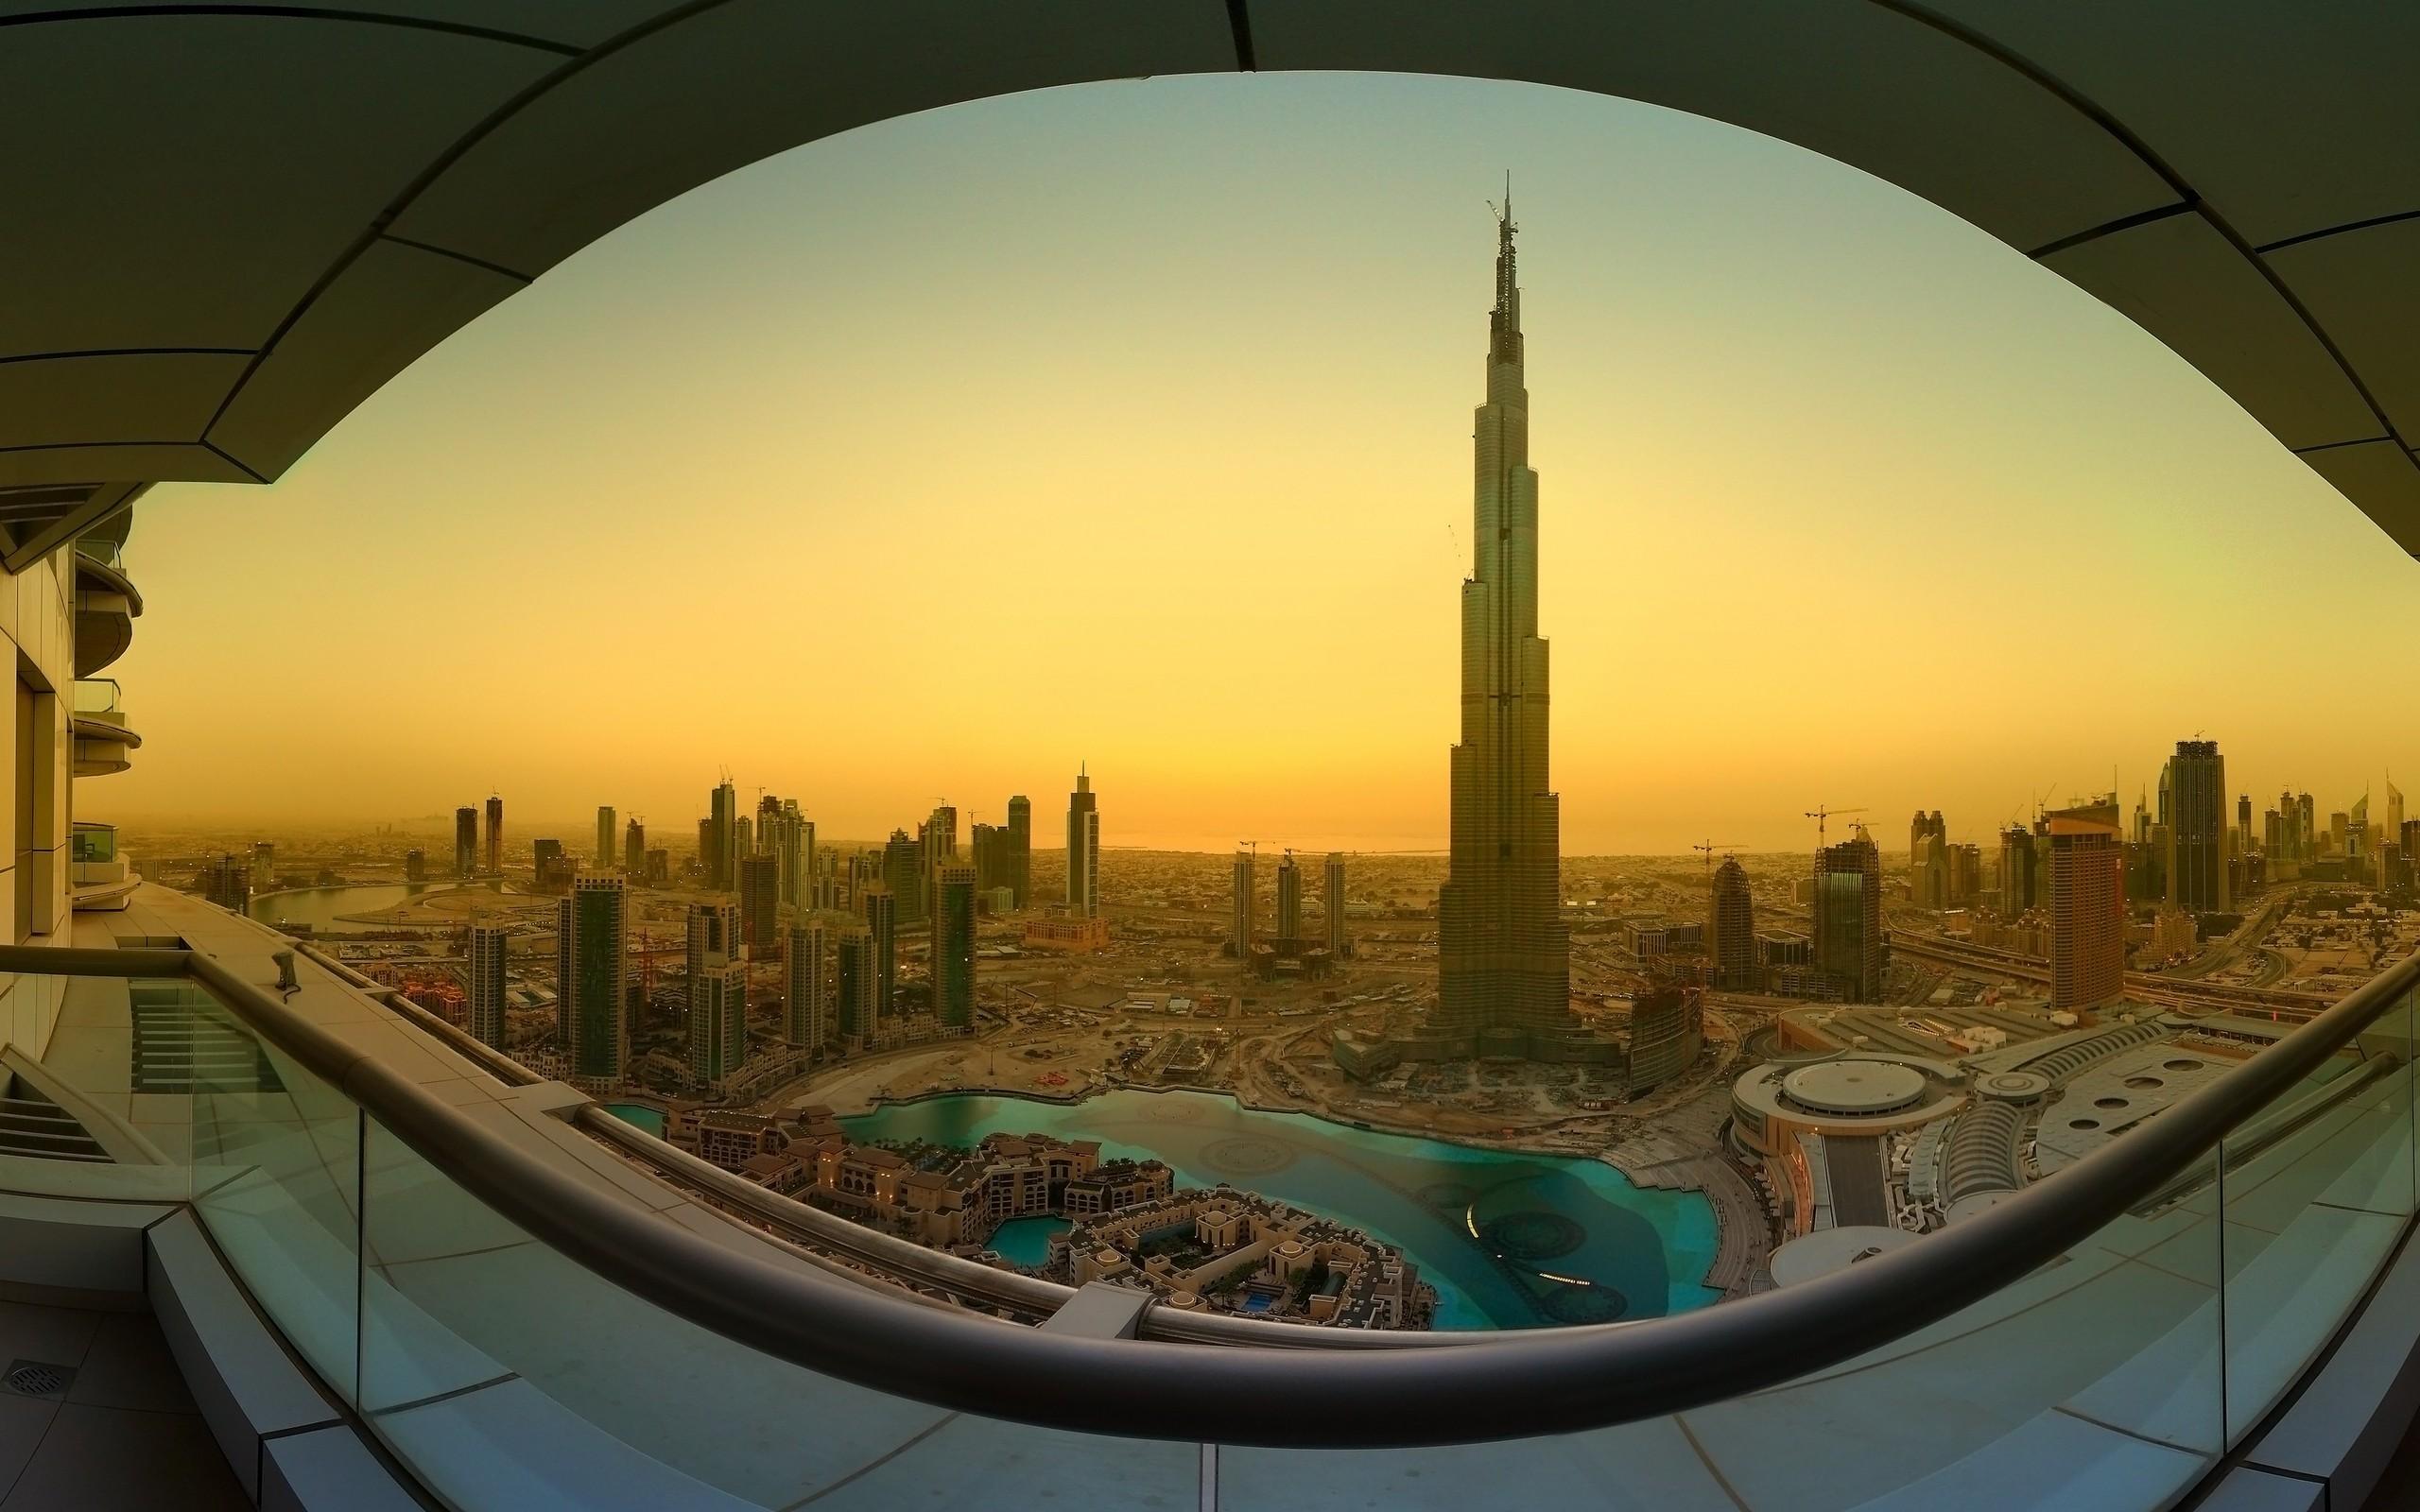 Дубай: картинки и фотографии торговый центр дубая, скачать 79